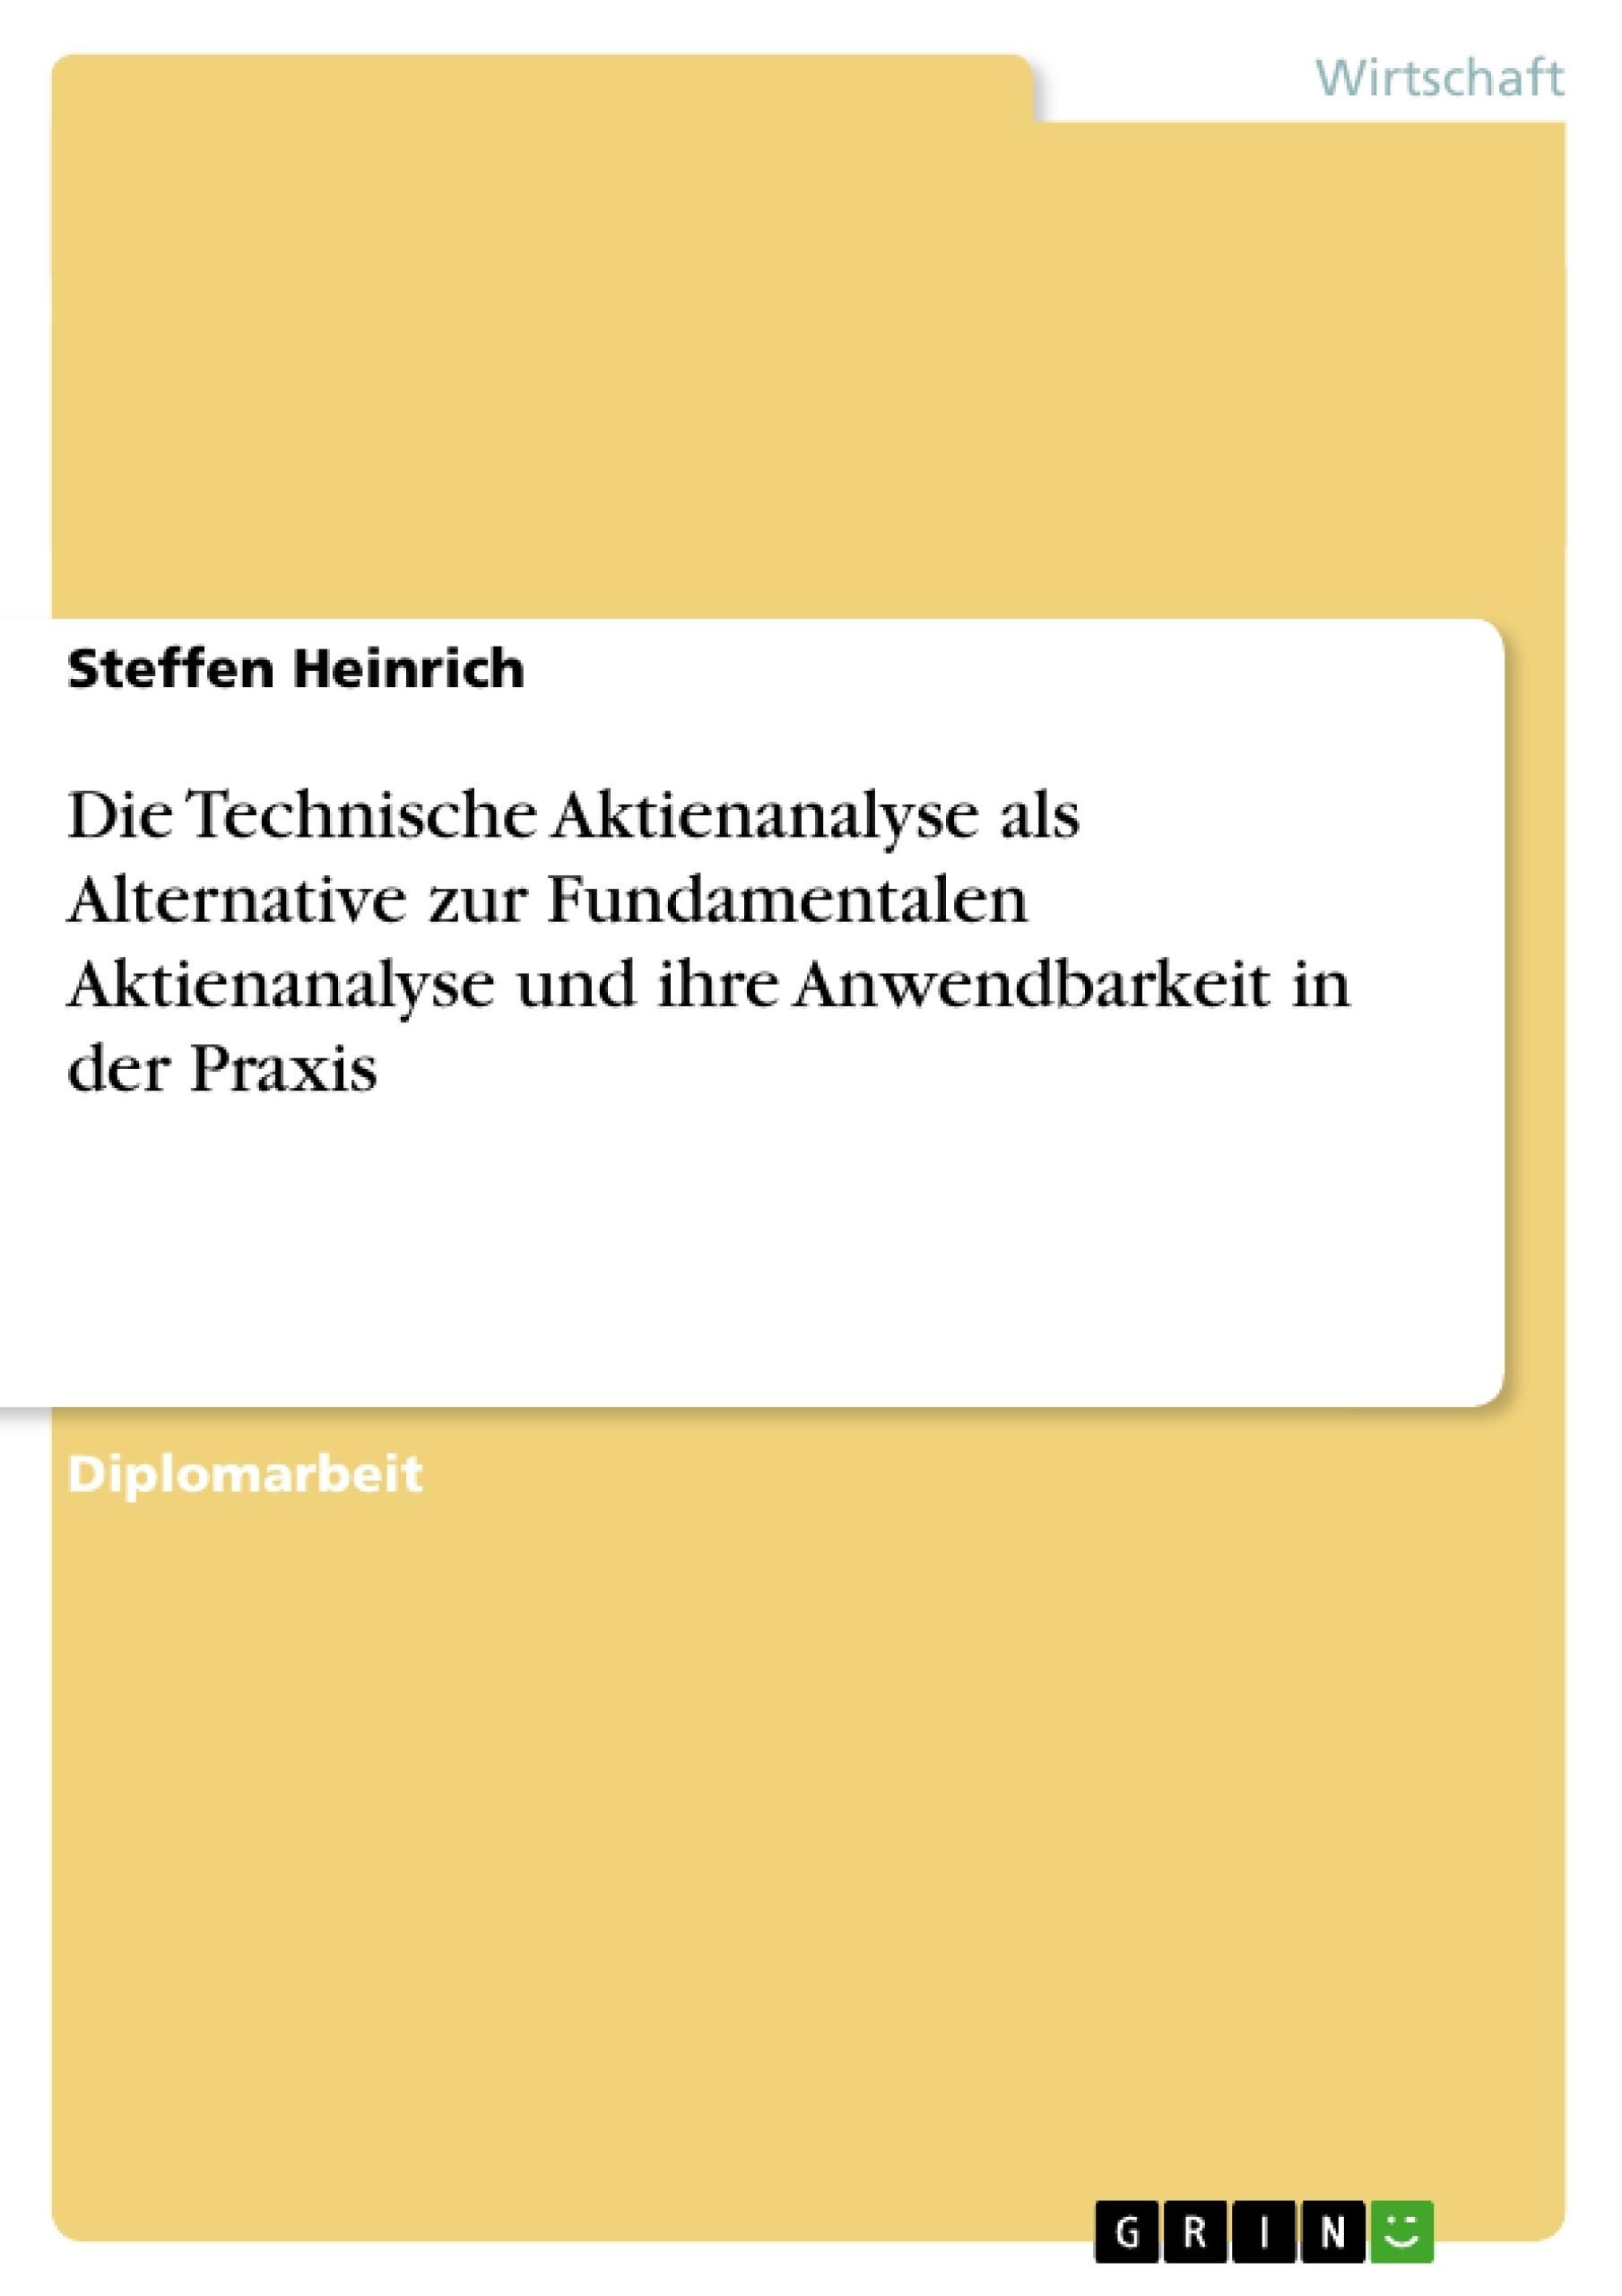 Titel: Die Technische Aktienanalyse als Alternative zur Fundamentalen Aktienanalyse und ihre Anwendbarkeit in der Praxis